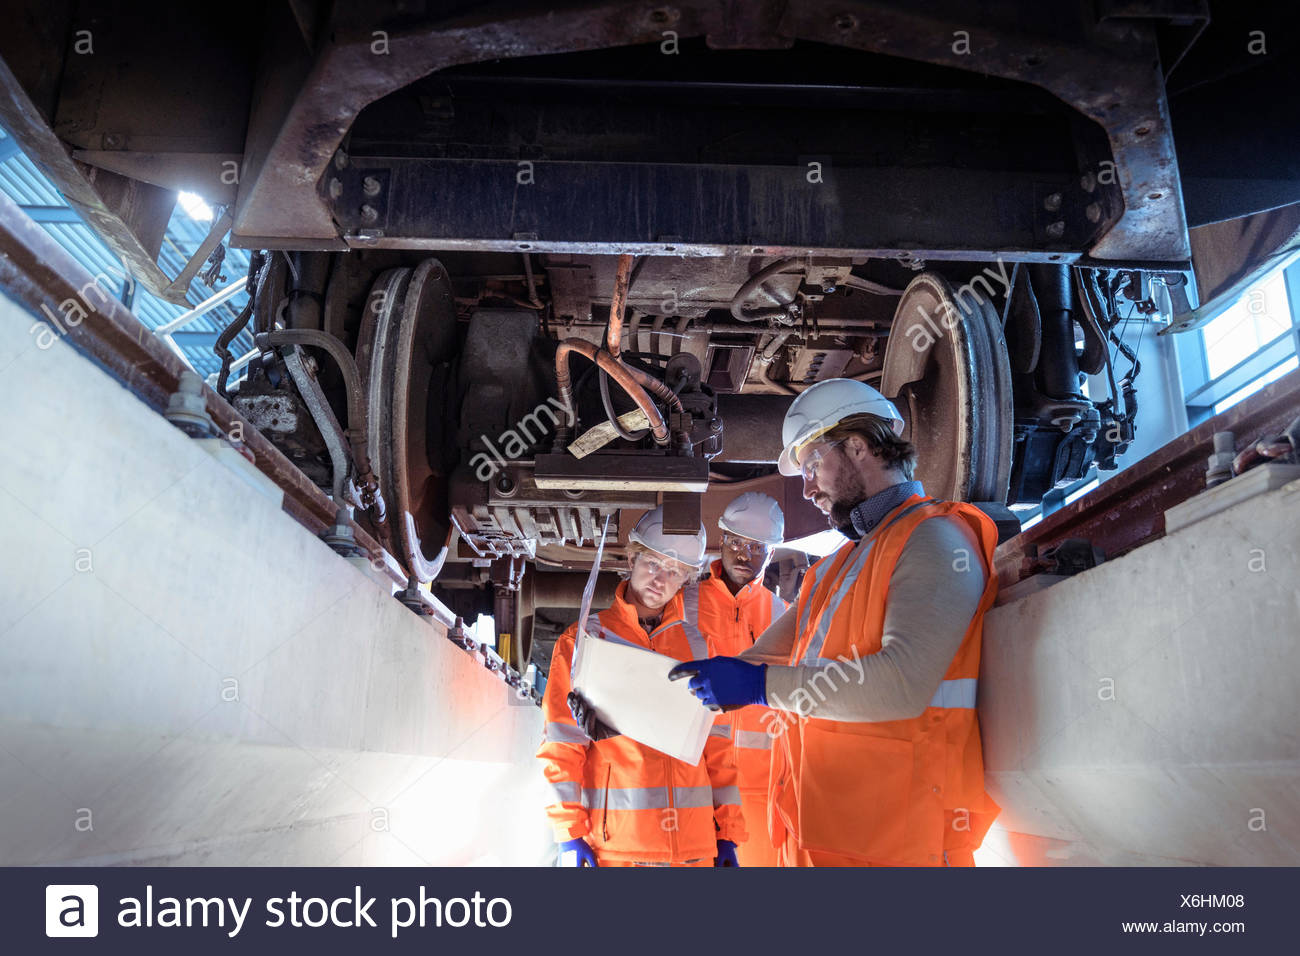 El instructor y los aprendices en tren en instalaciones de ingeniería ferroviaria Imagen De Stock